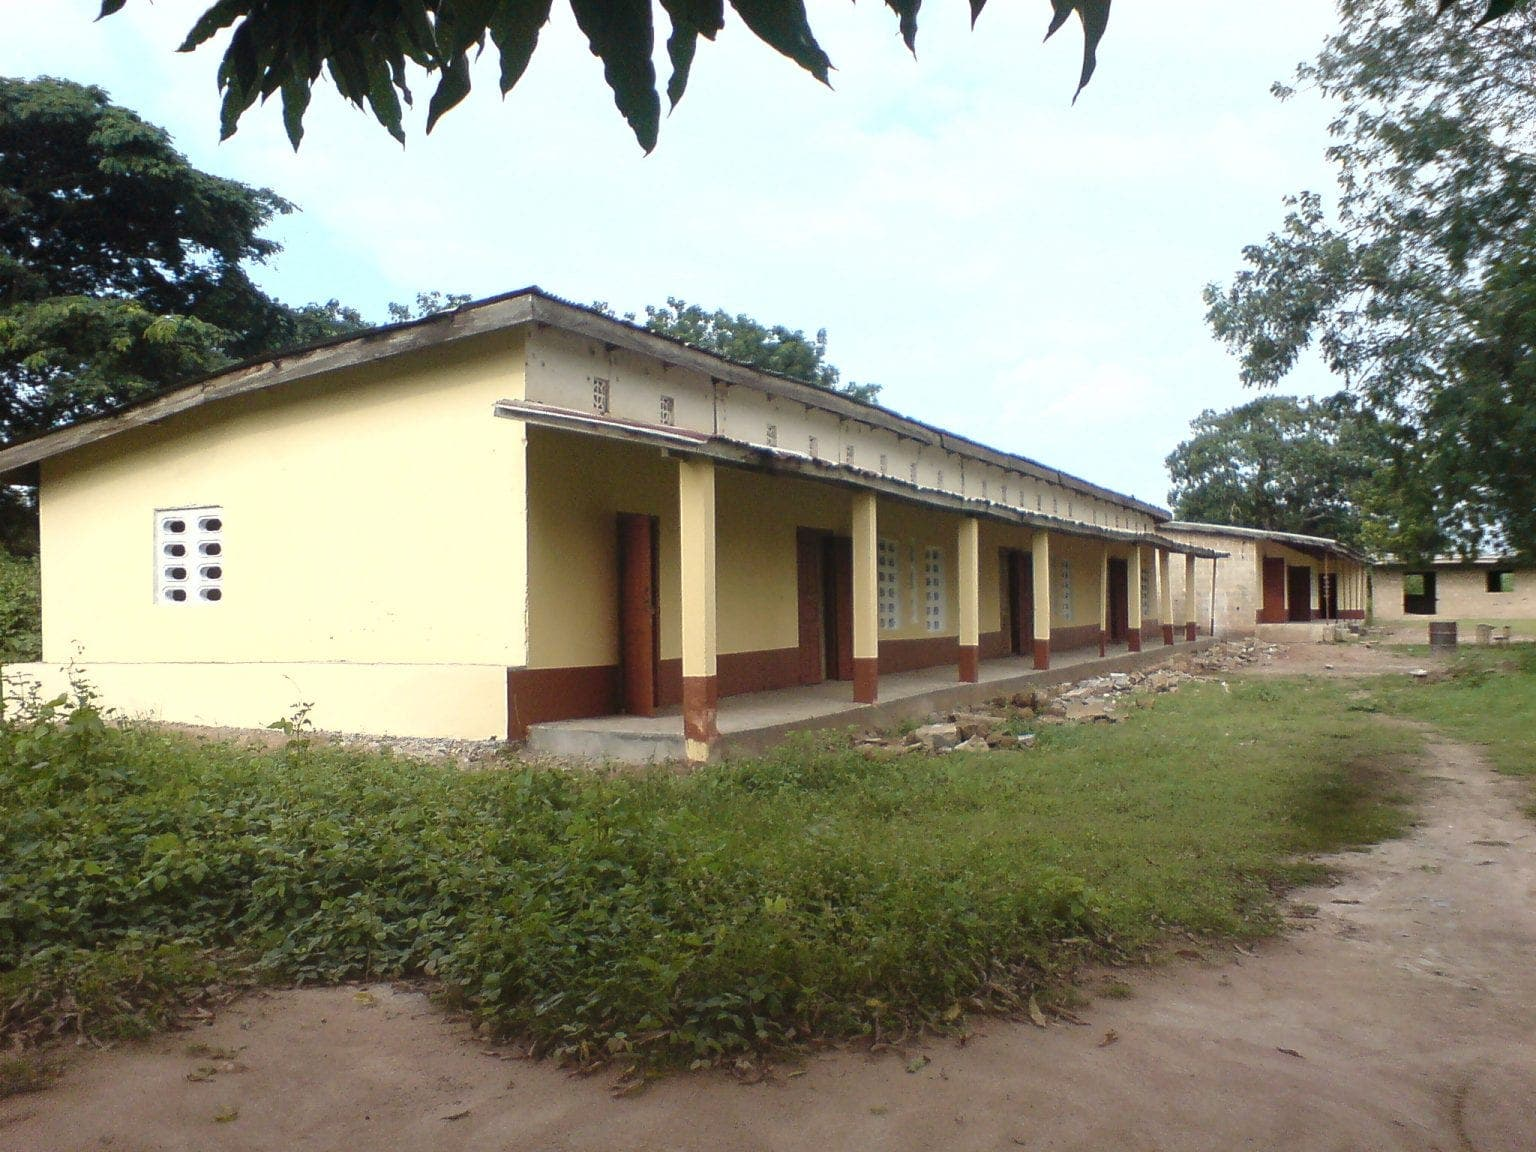 Fermeture des lycées et collèges en côte d'ivoire